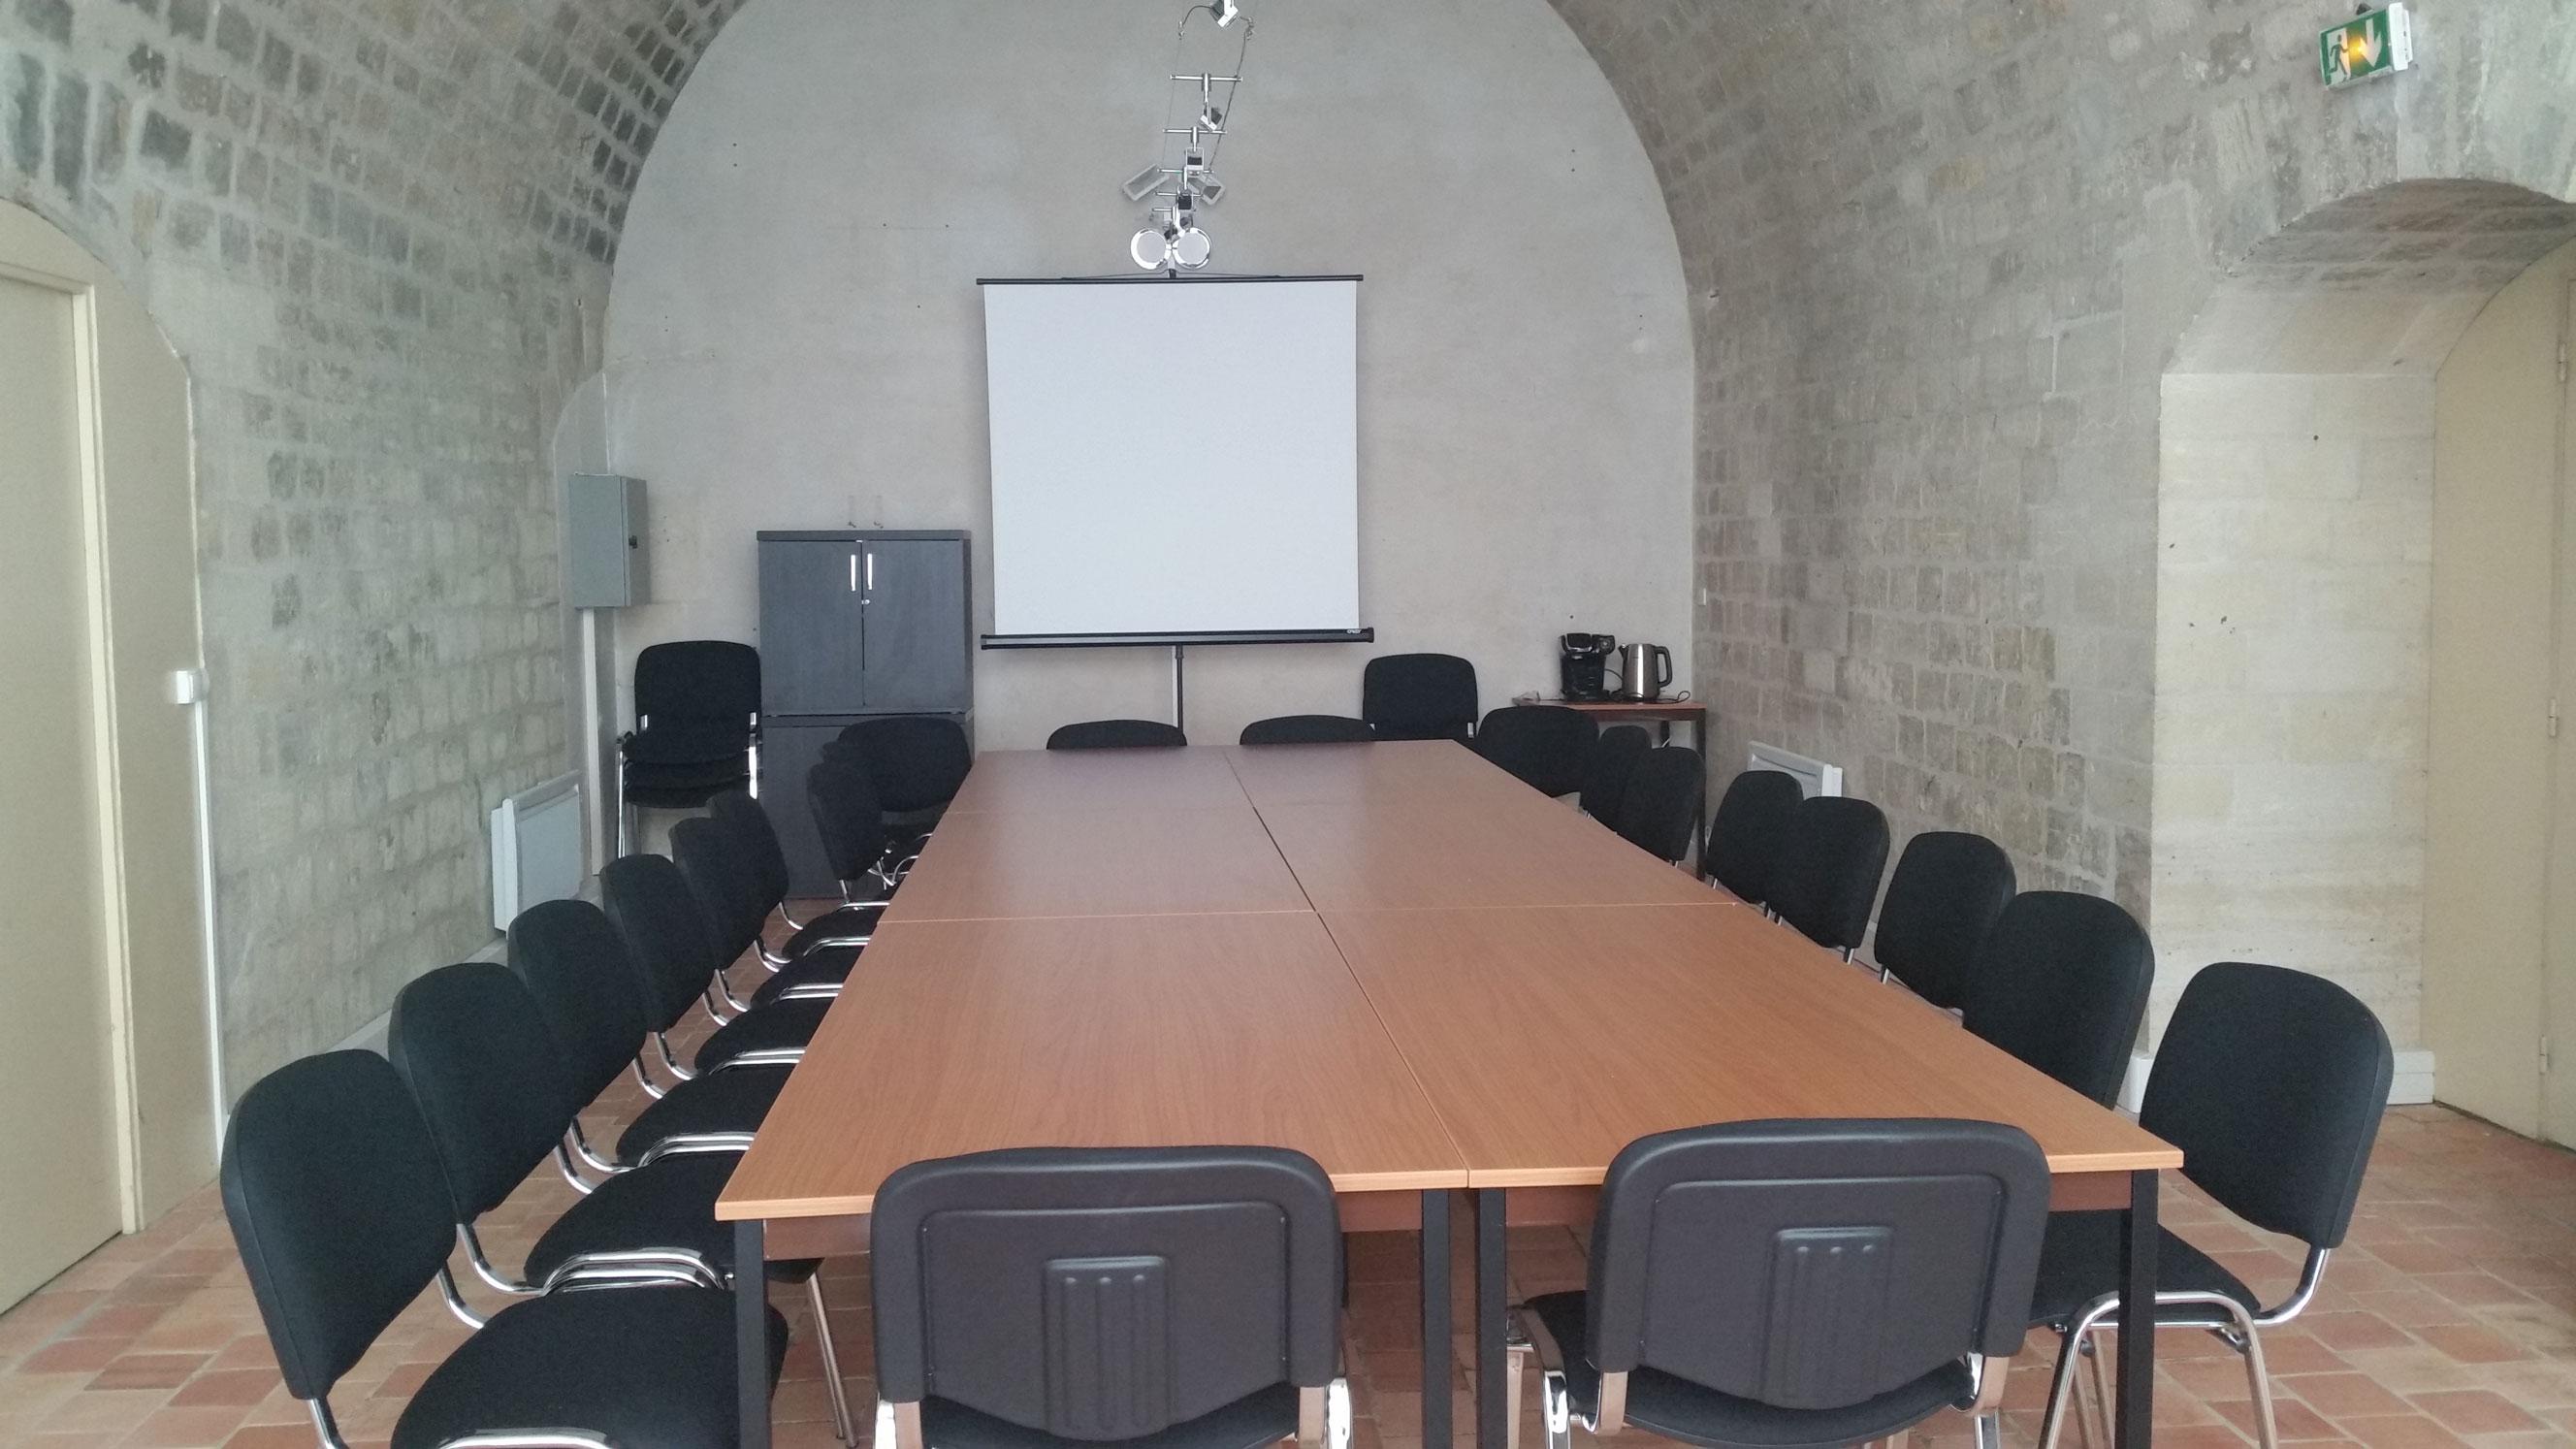 Chateau-de-Vincennes-salle-de-reunion-equipee-web